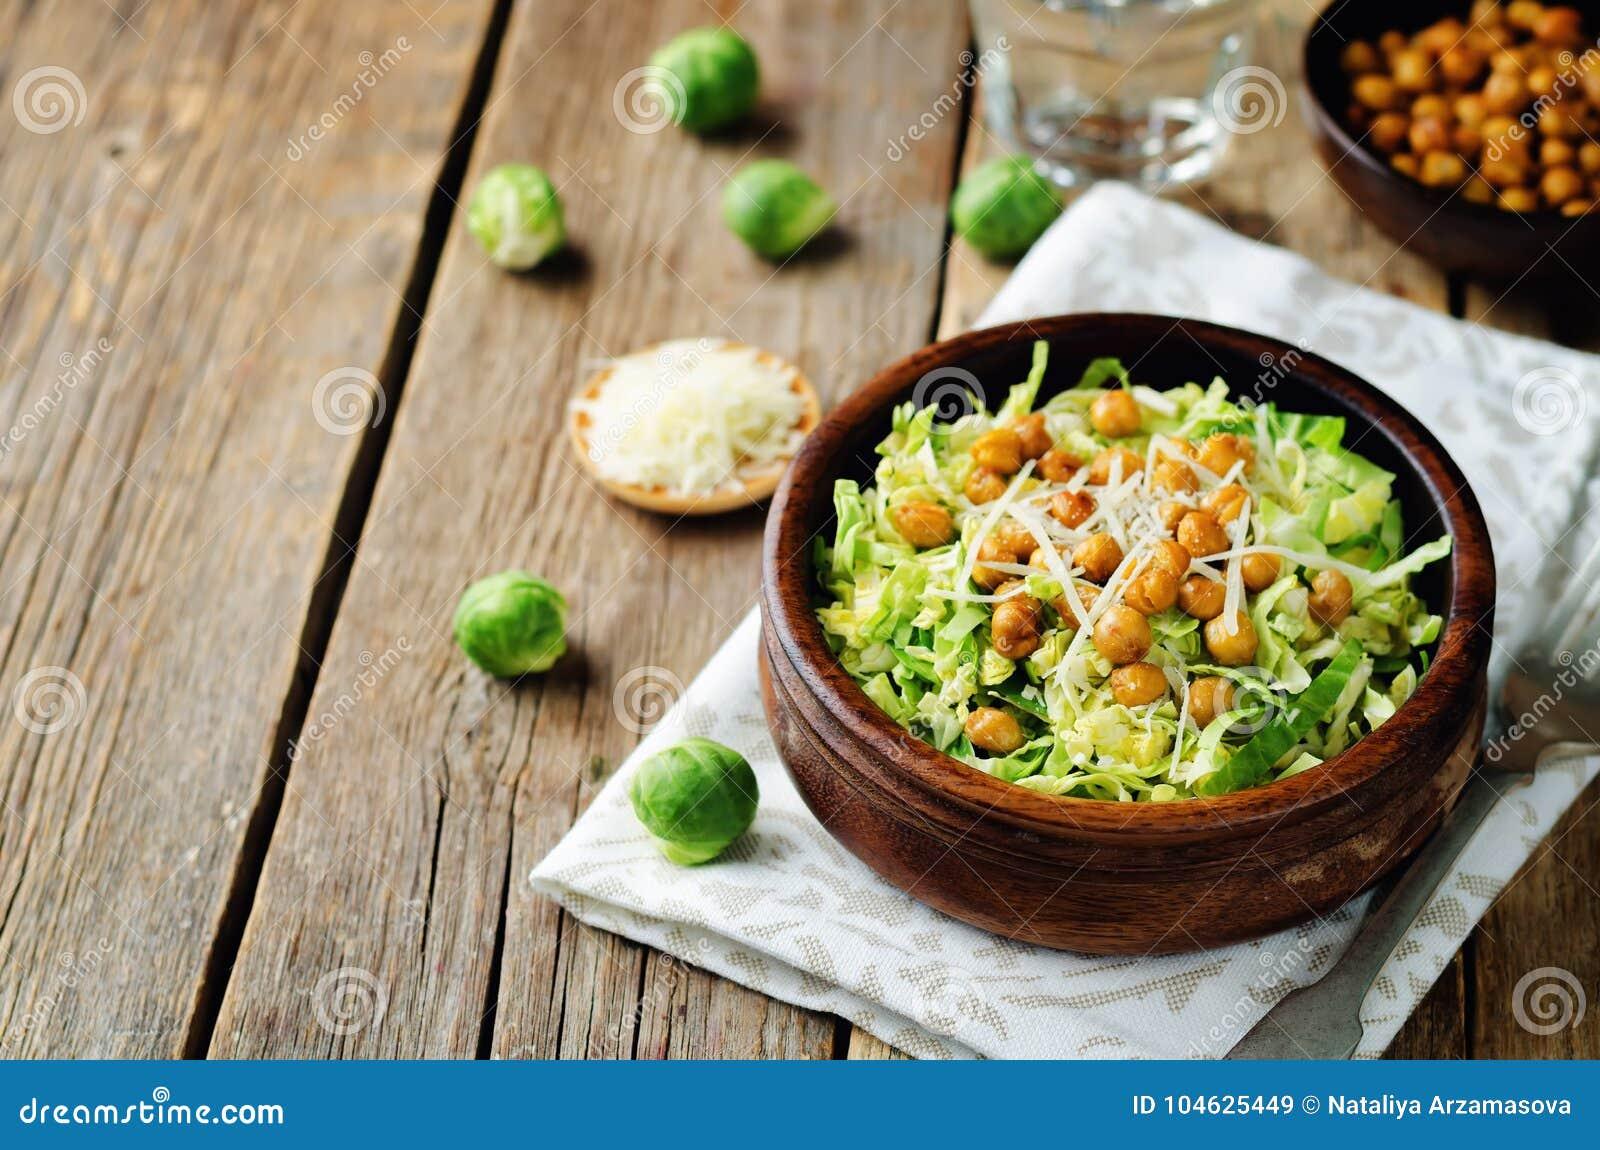 Download De Verscheurde Spruitjes Geroosterde Salade Van De Kekersparmezaanse Kaas Stock Afbeelding - Afbeelding bestaande uit verscheurd, organisch: 104625449